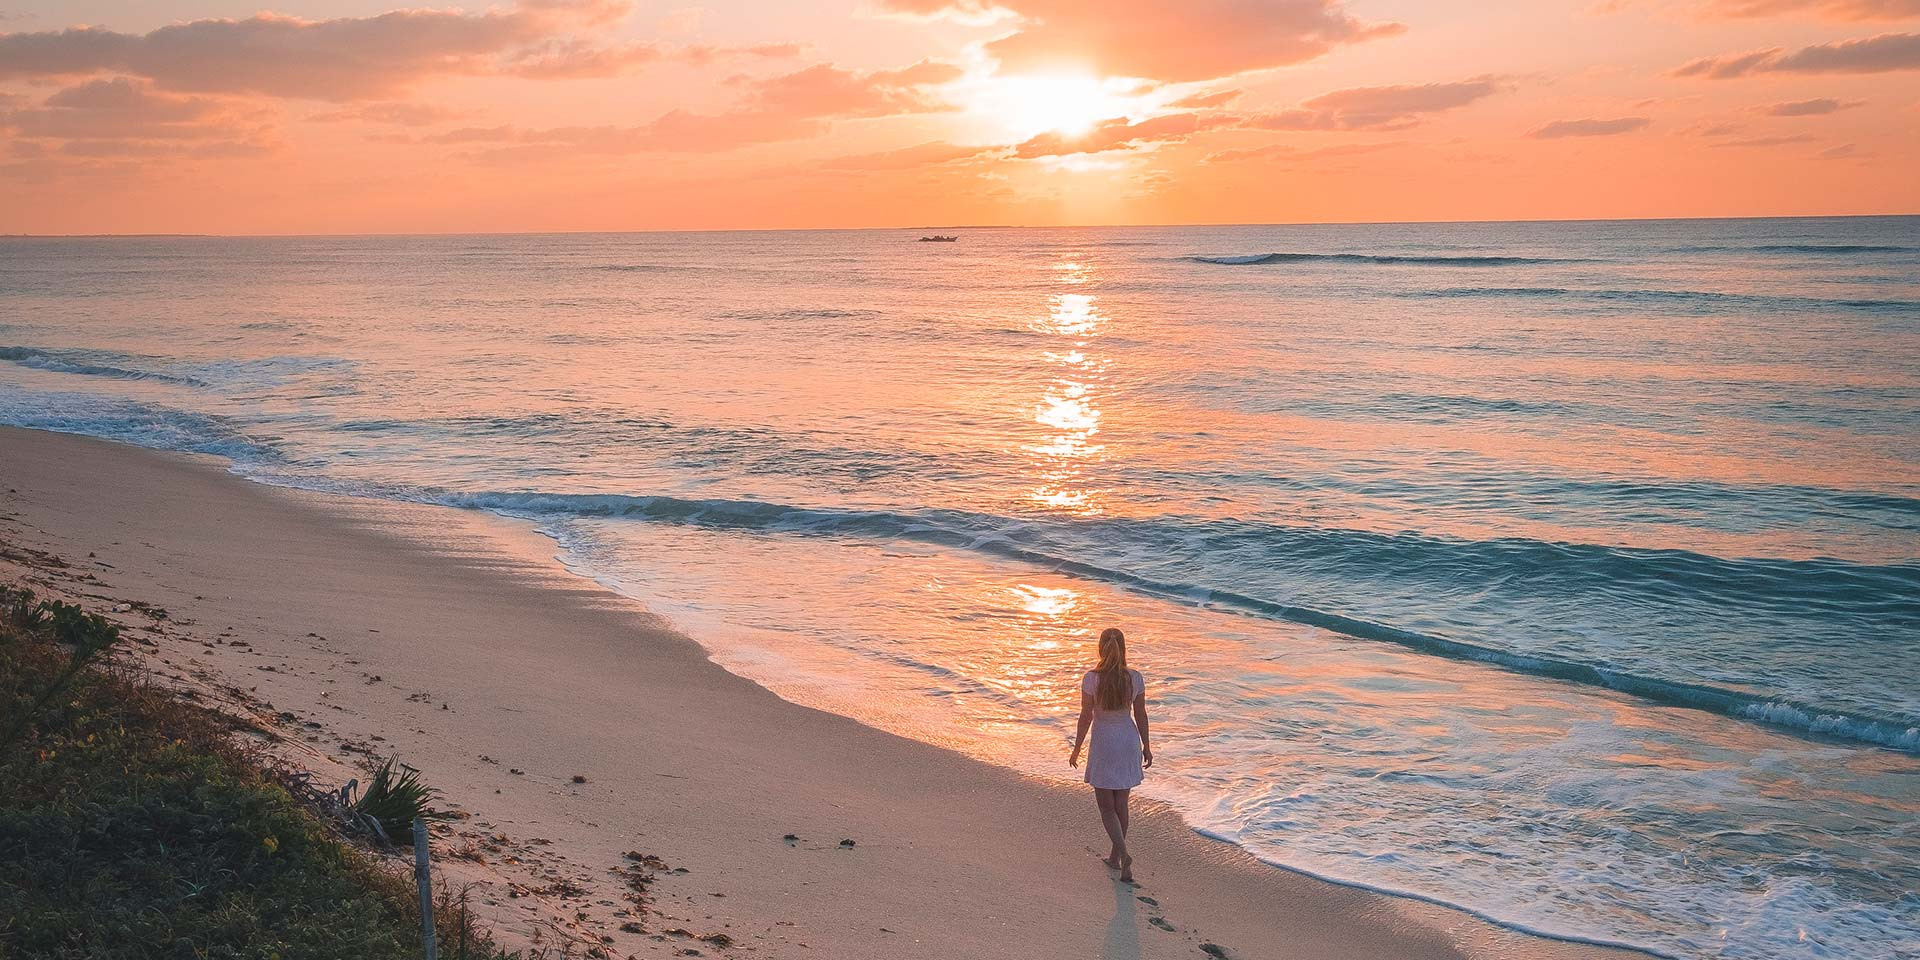 Corallodge_beach_girl_walking